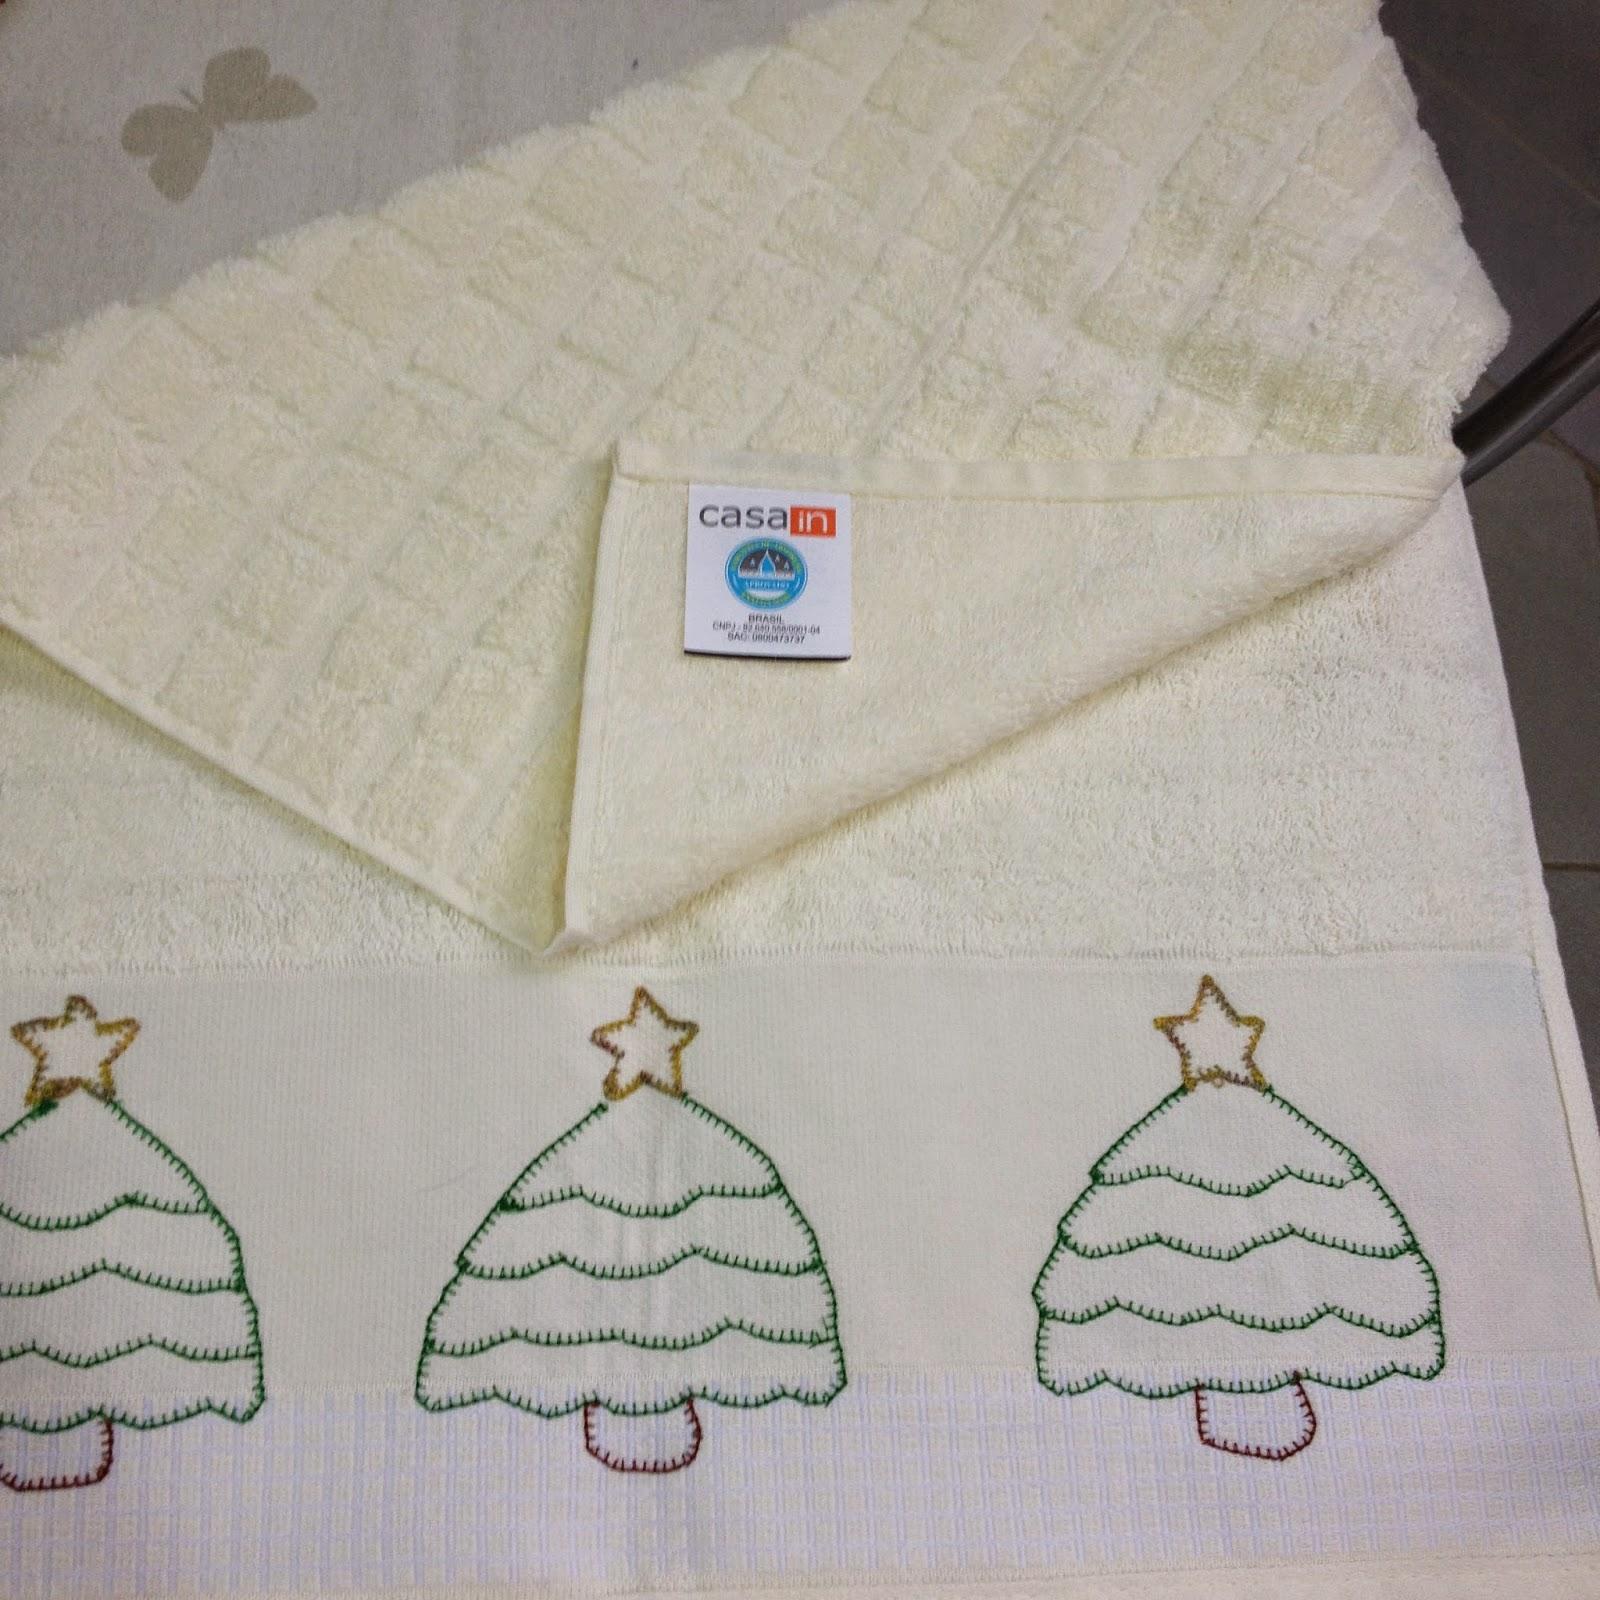 Pano de Copa com bordado de Árvore de Natal by Ateliê Madrica